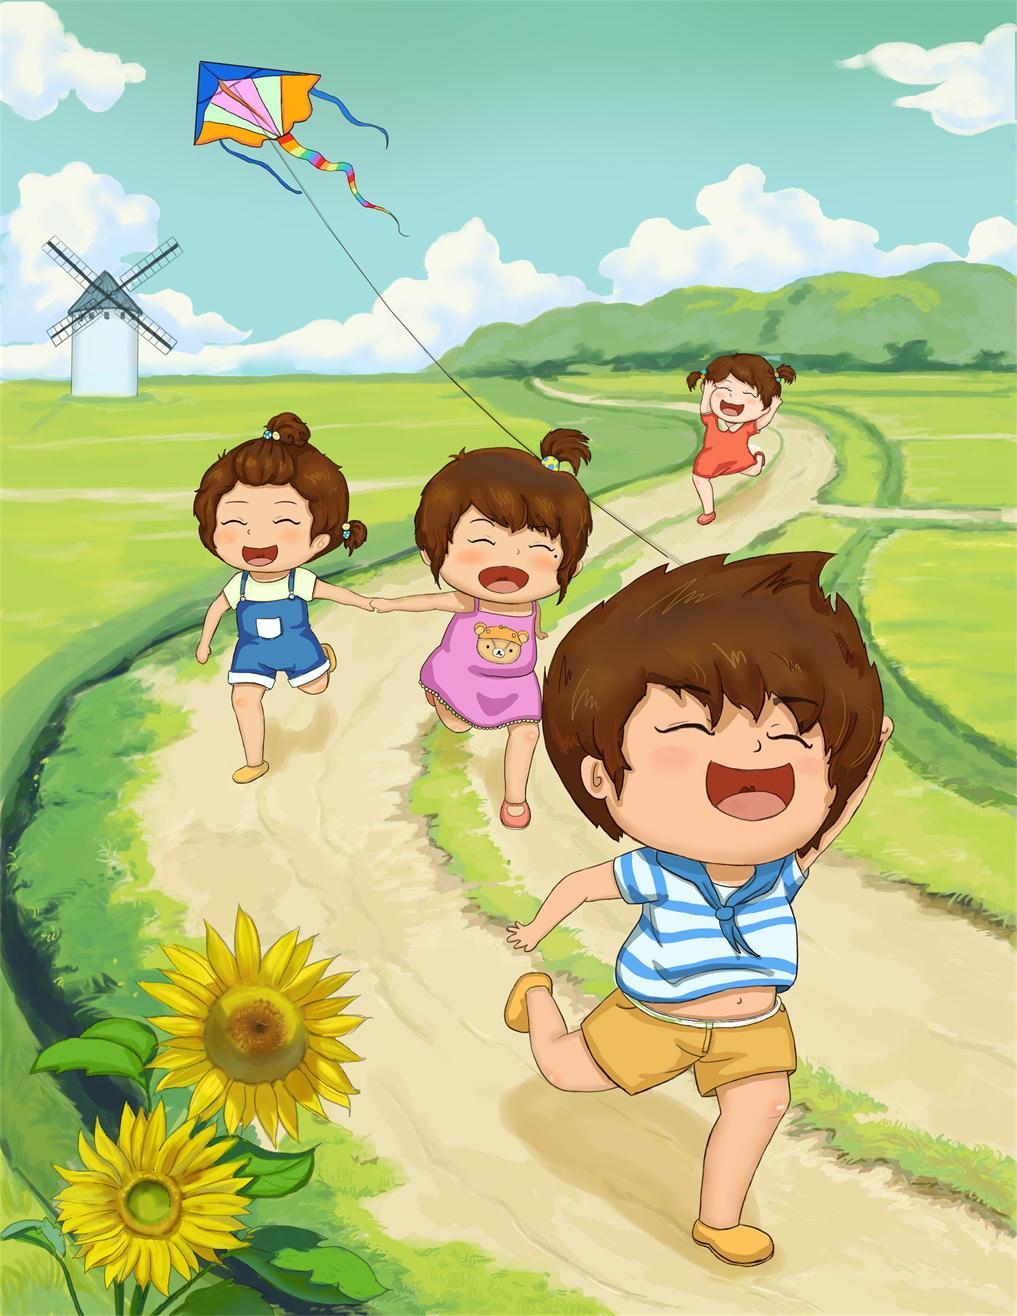 小时候的插画——放风筝.